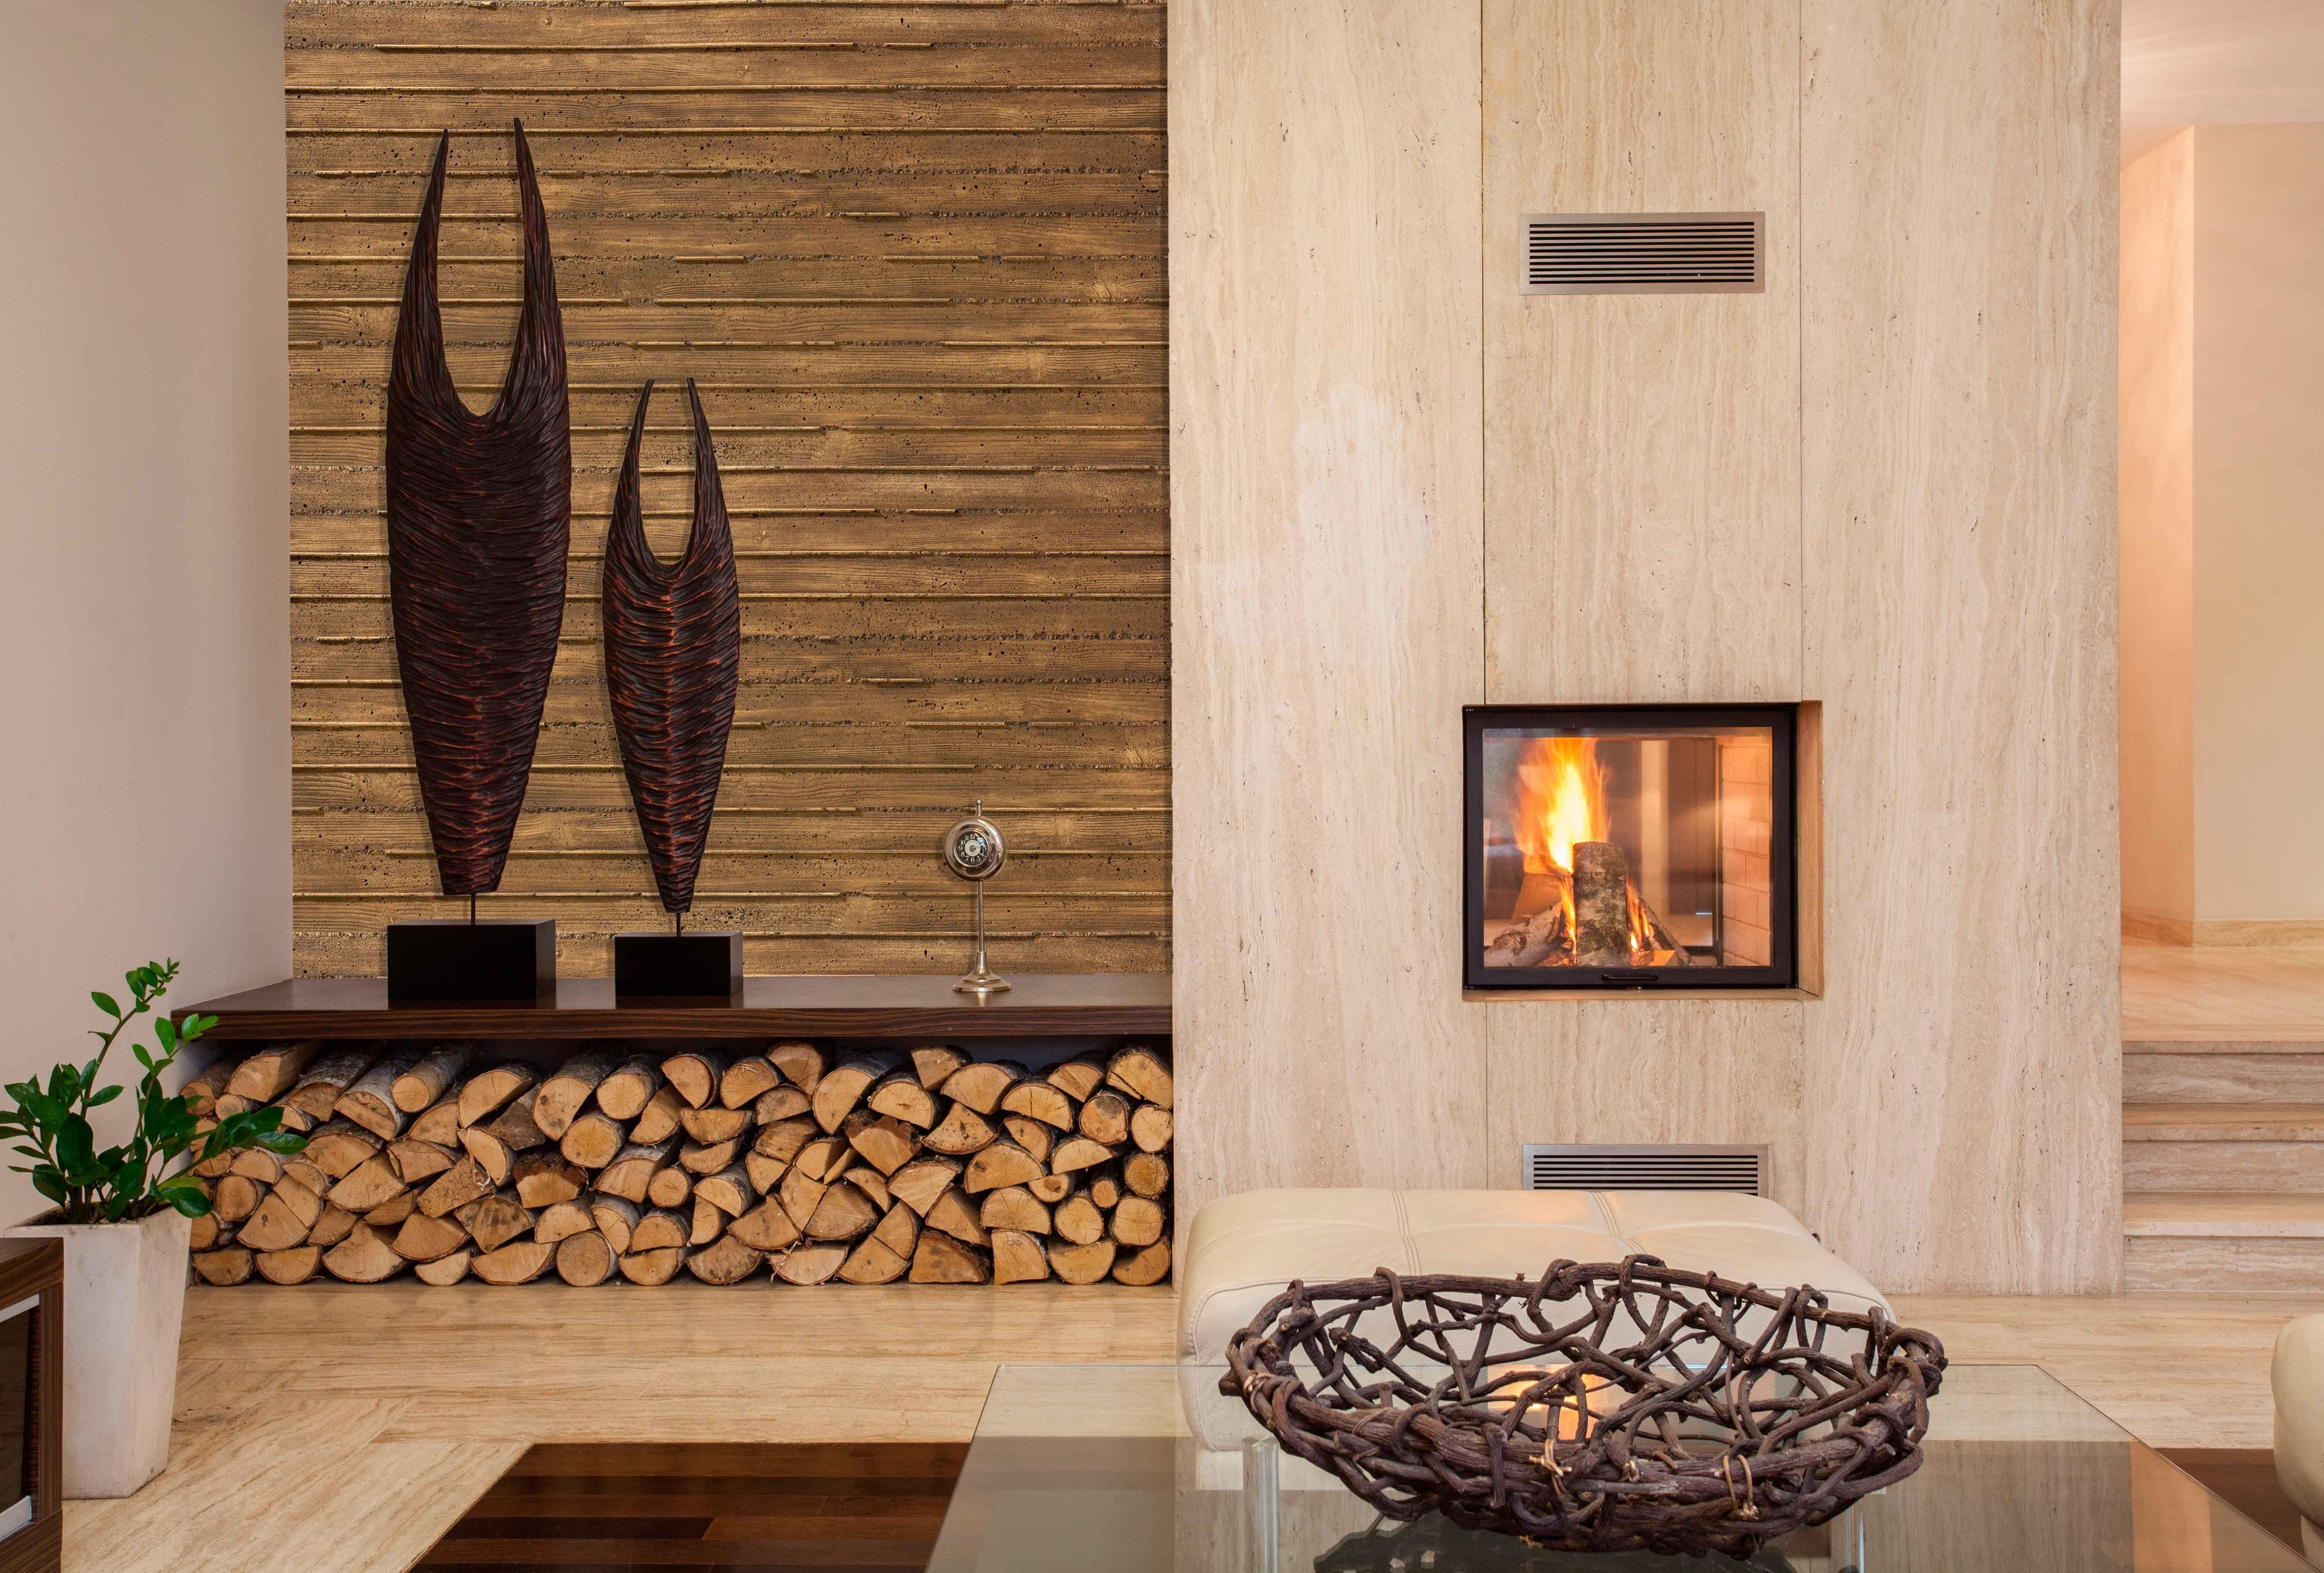 nuevo panel decorativo para el de paredes imitacin madera